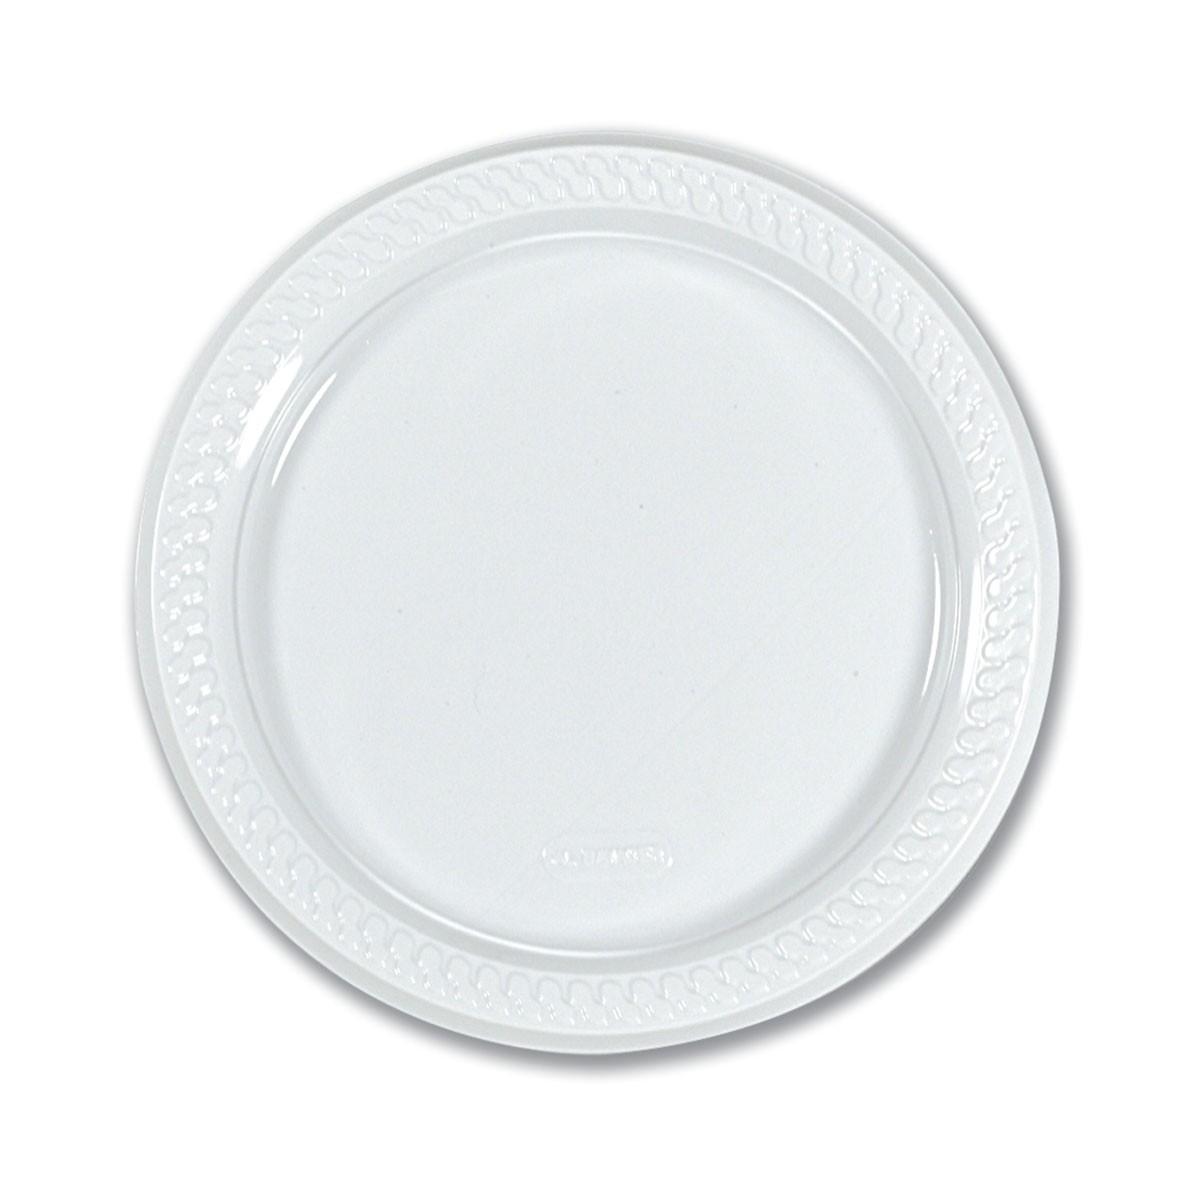 Round Plate ⌀22cm - White | 50pcsx10pkts